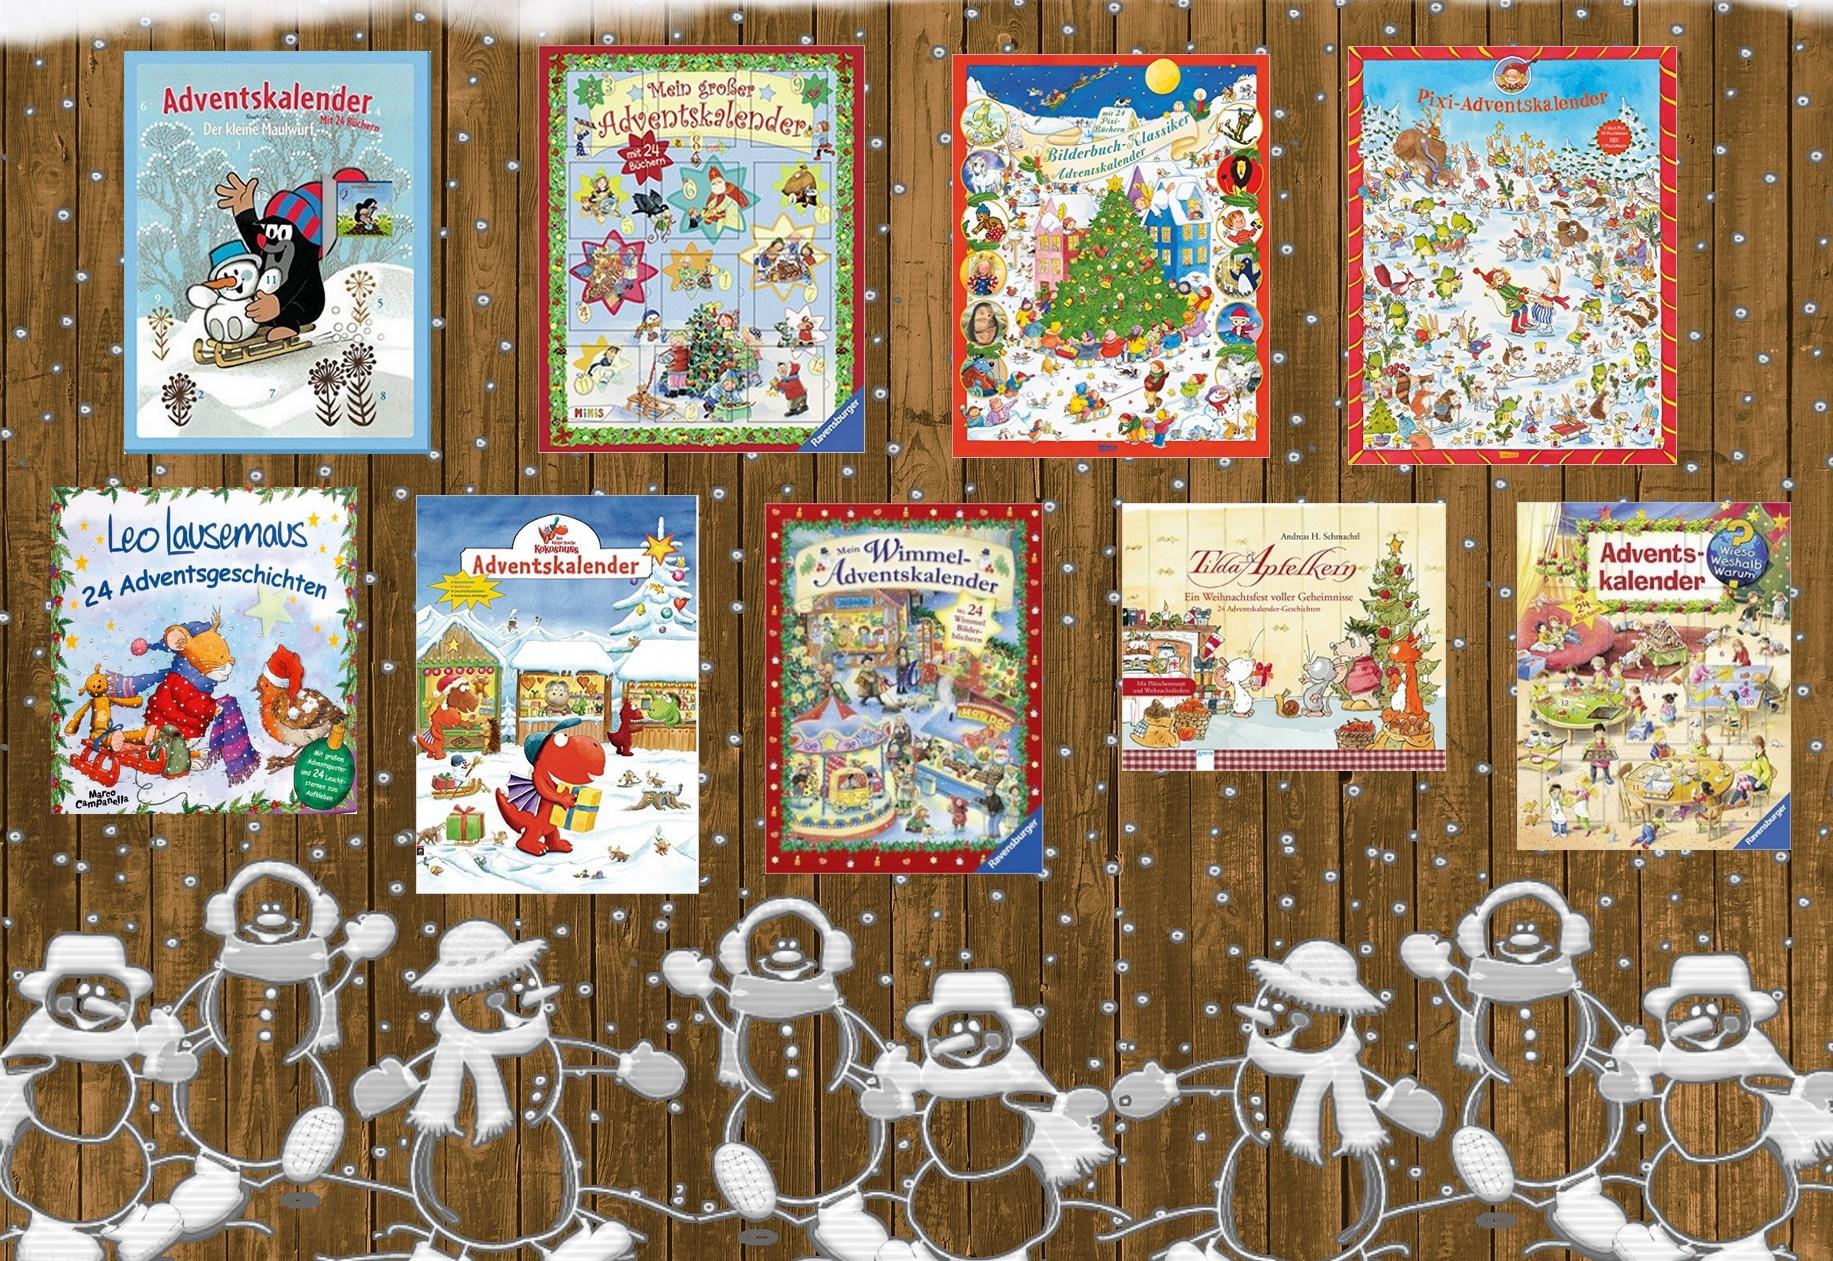 Adventskalender mit 24 Mini-Büchern